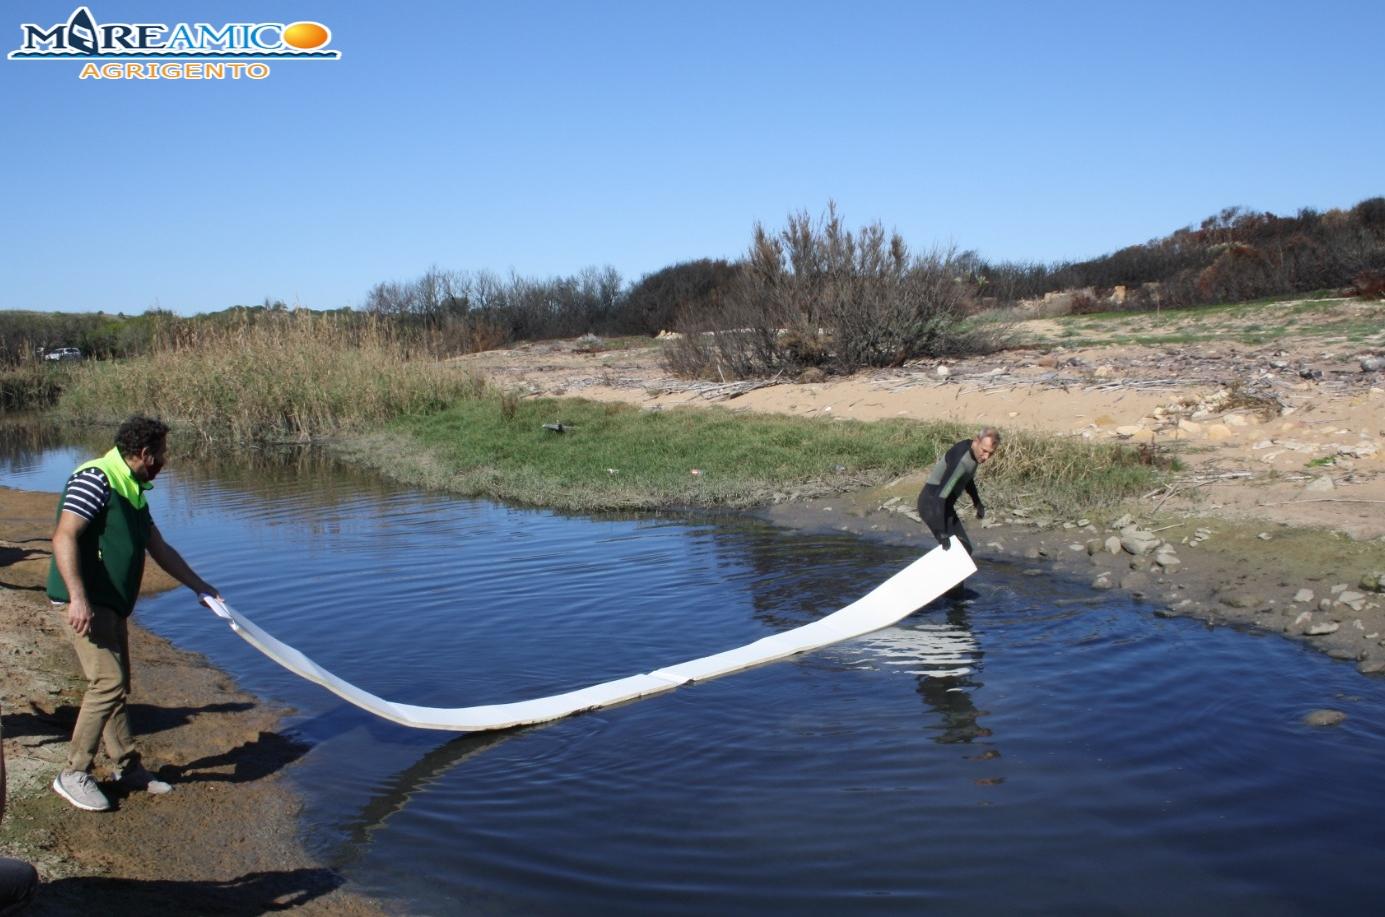 Disastro ambientale all'interno del parco archeologico: torrente Modione nero a causa delle fogne – FOTO e VIDEO